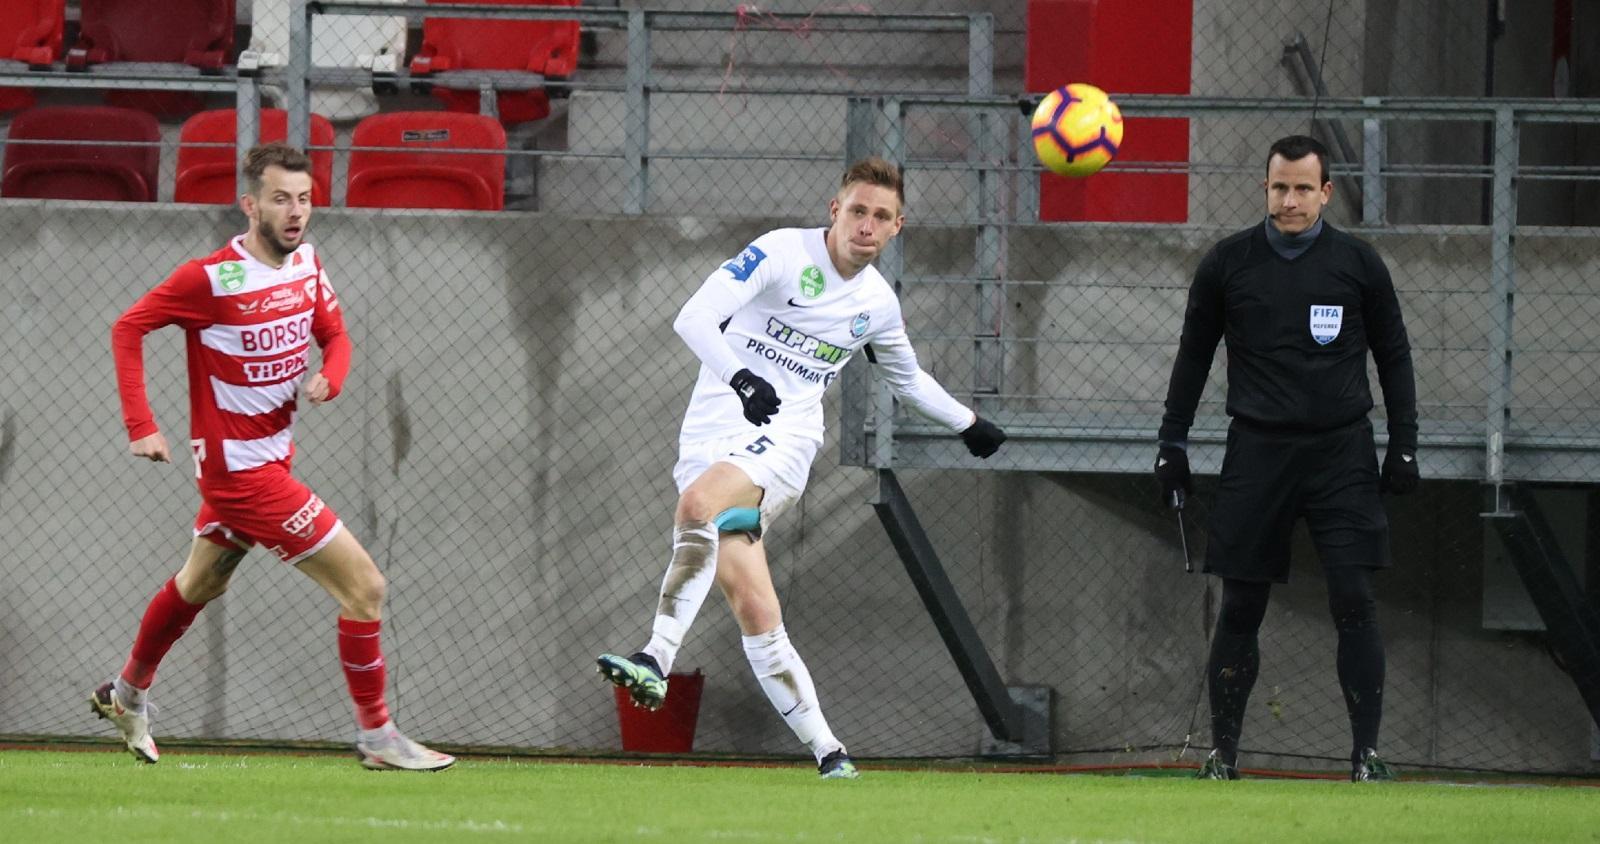 Képgaléria: DVTK - MTK Budapest 0-0